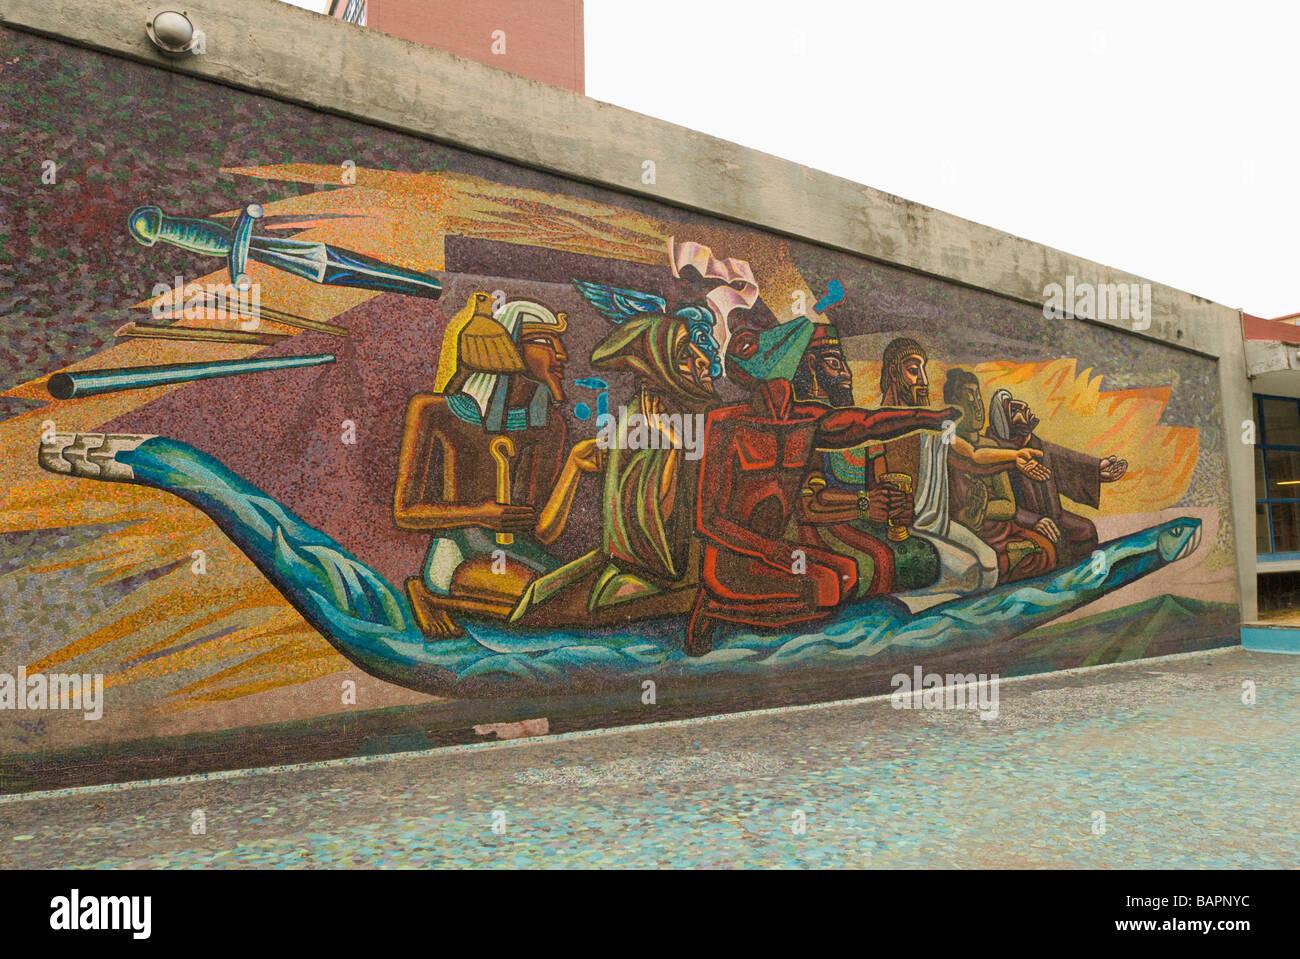 jose chavez morado mosaic mural el retorno de